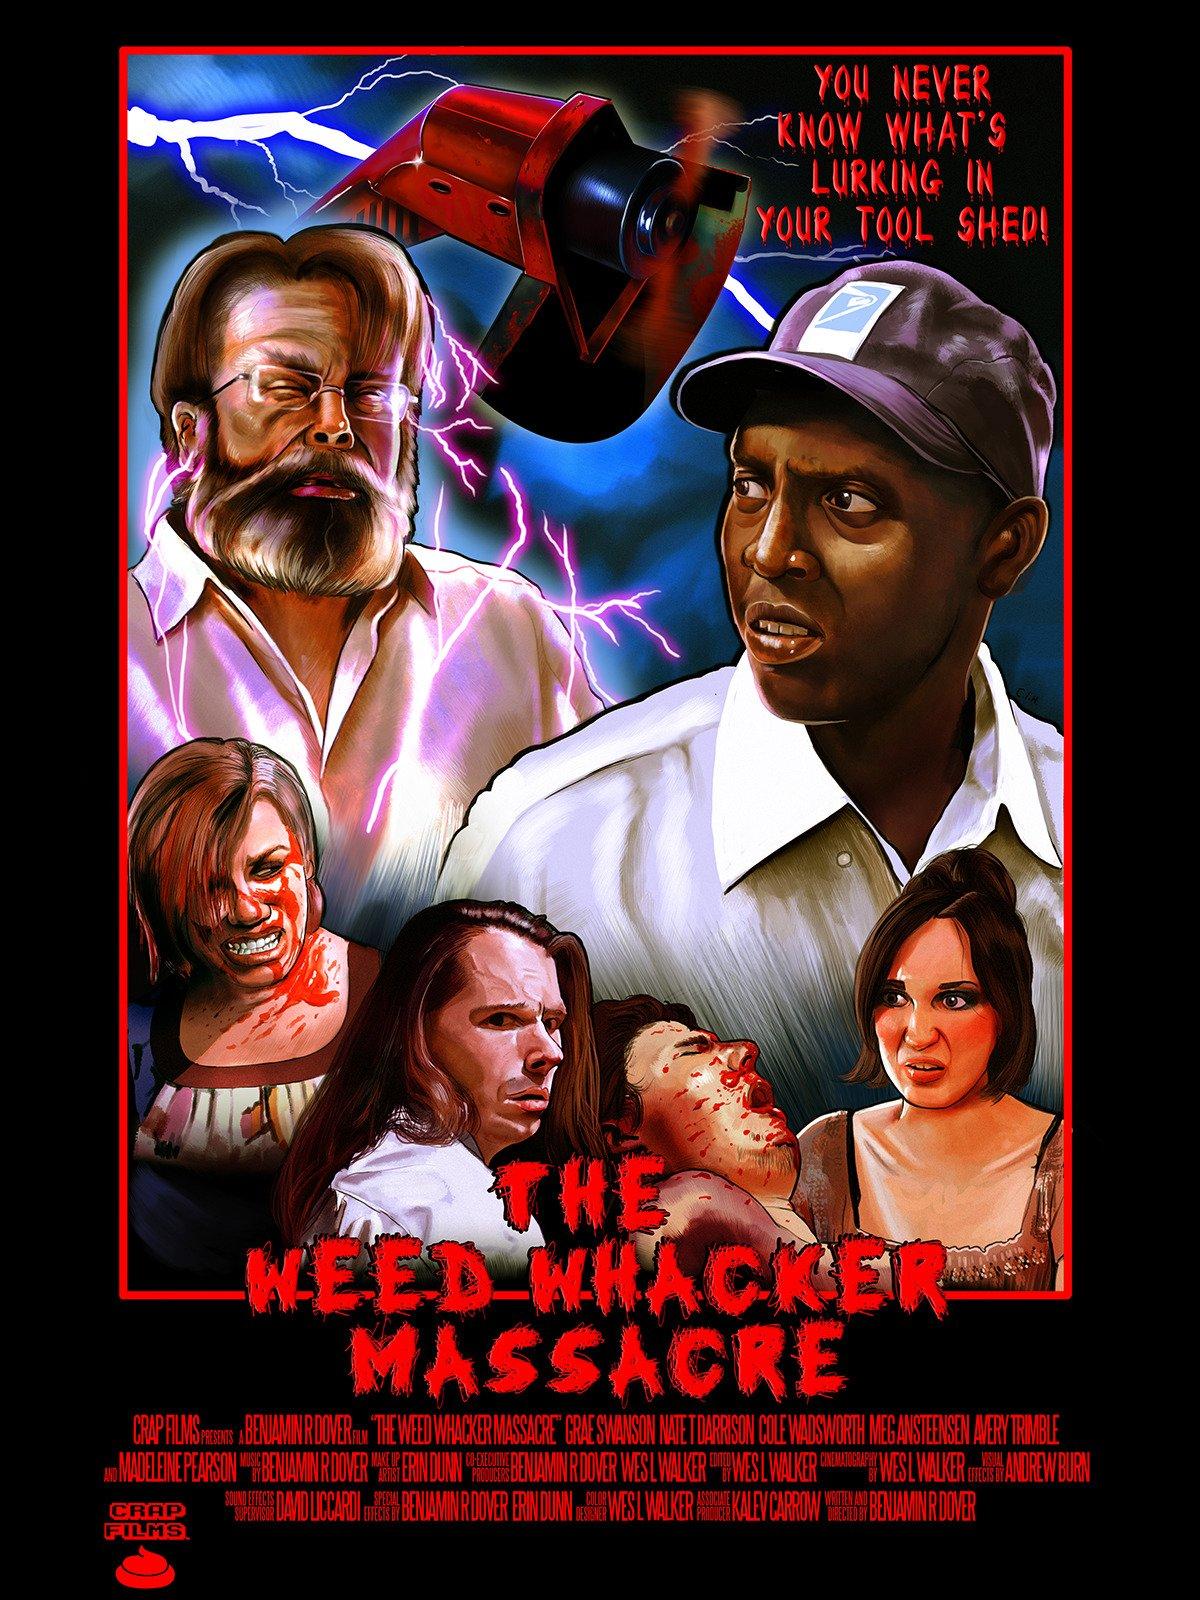 The Weed Whacker Massacre